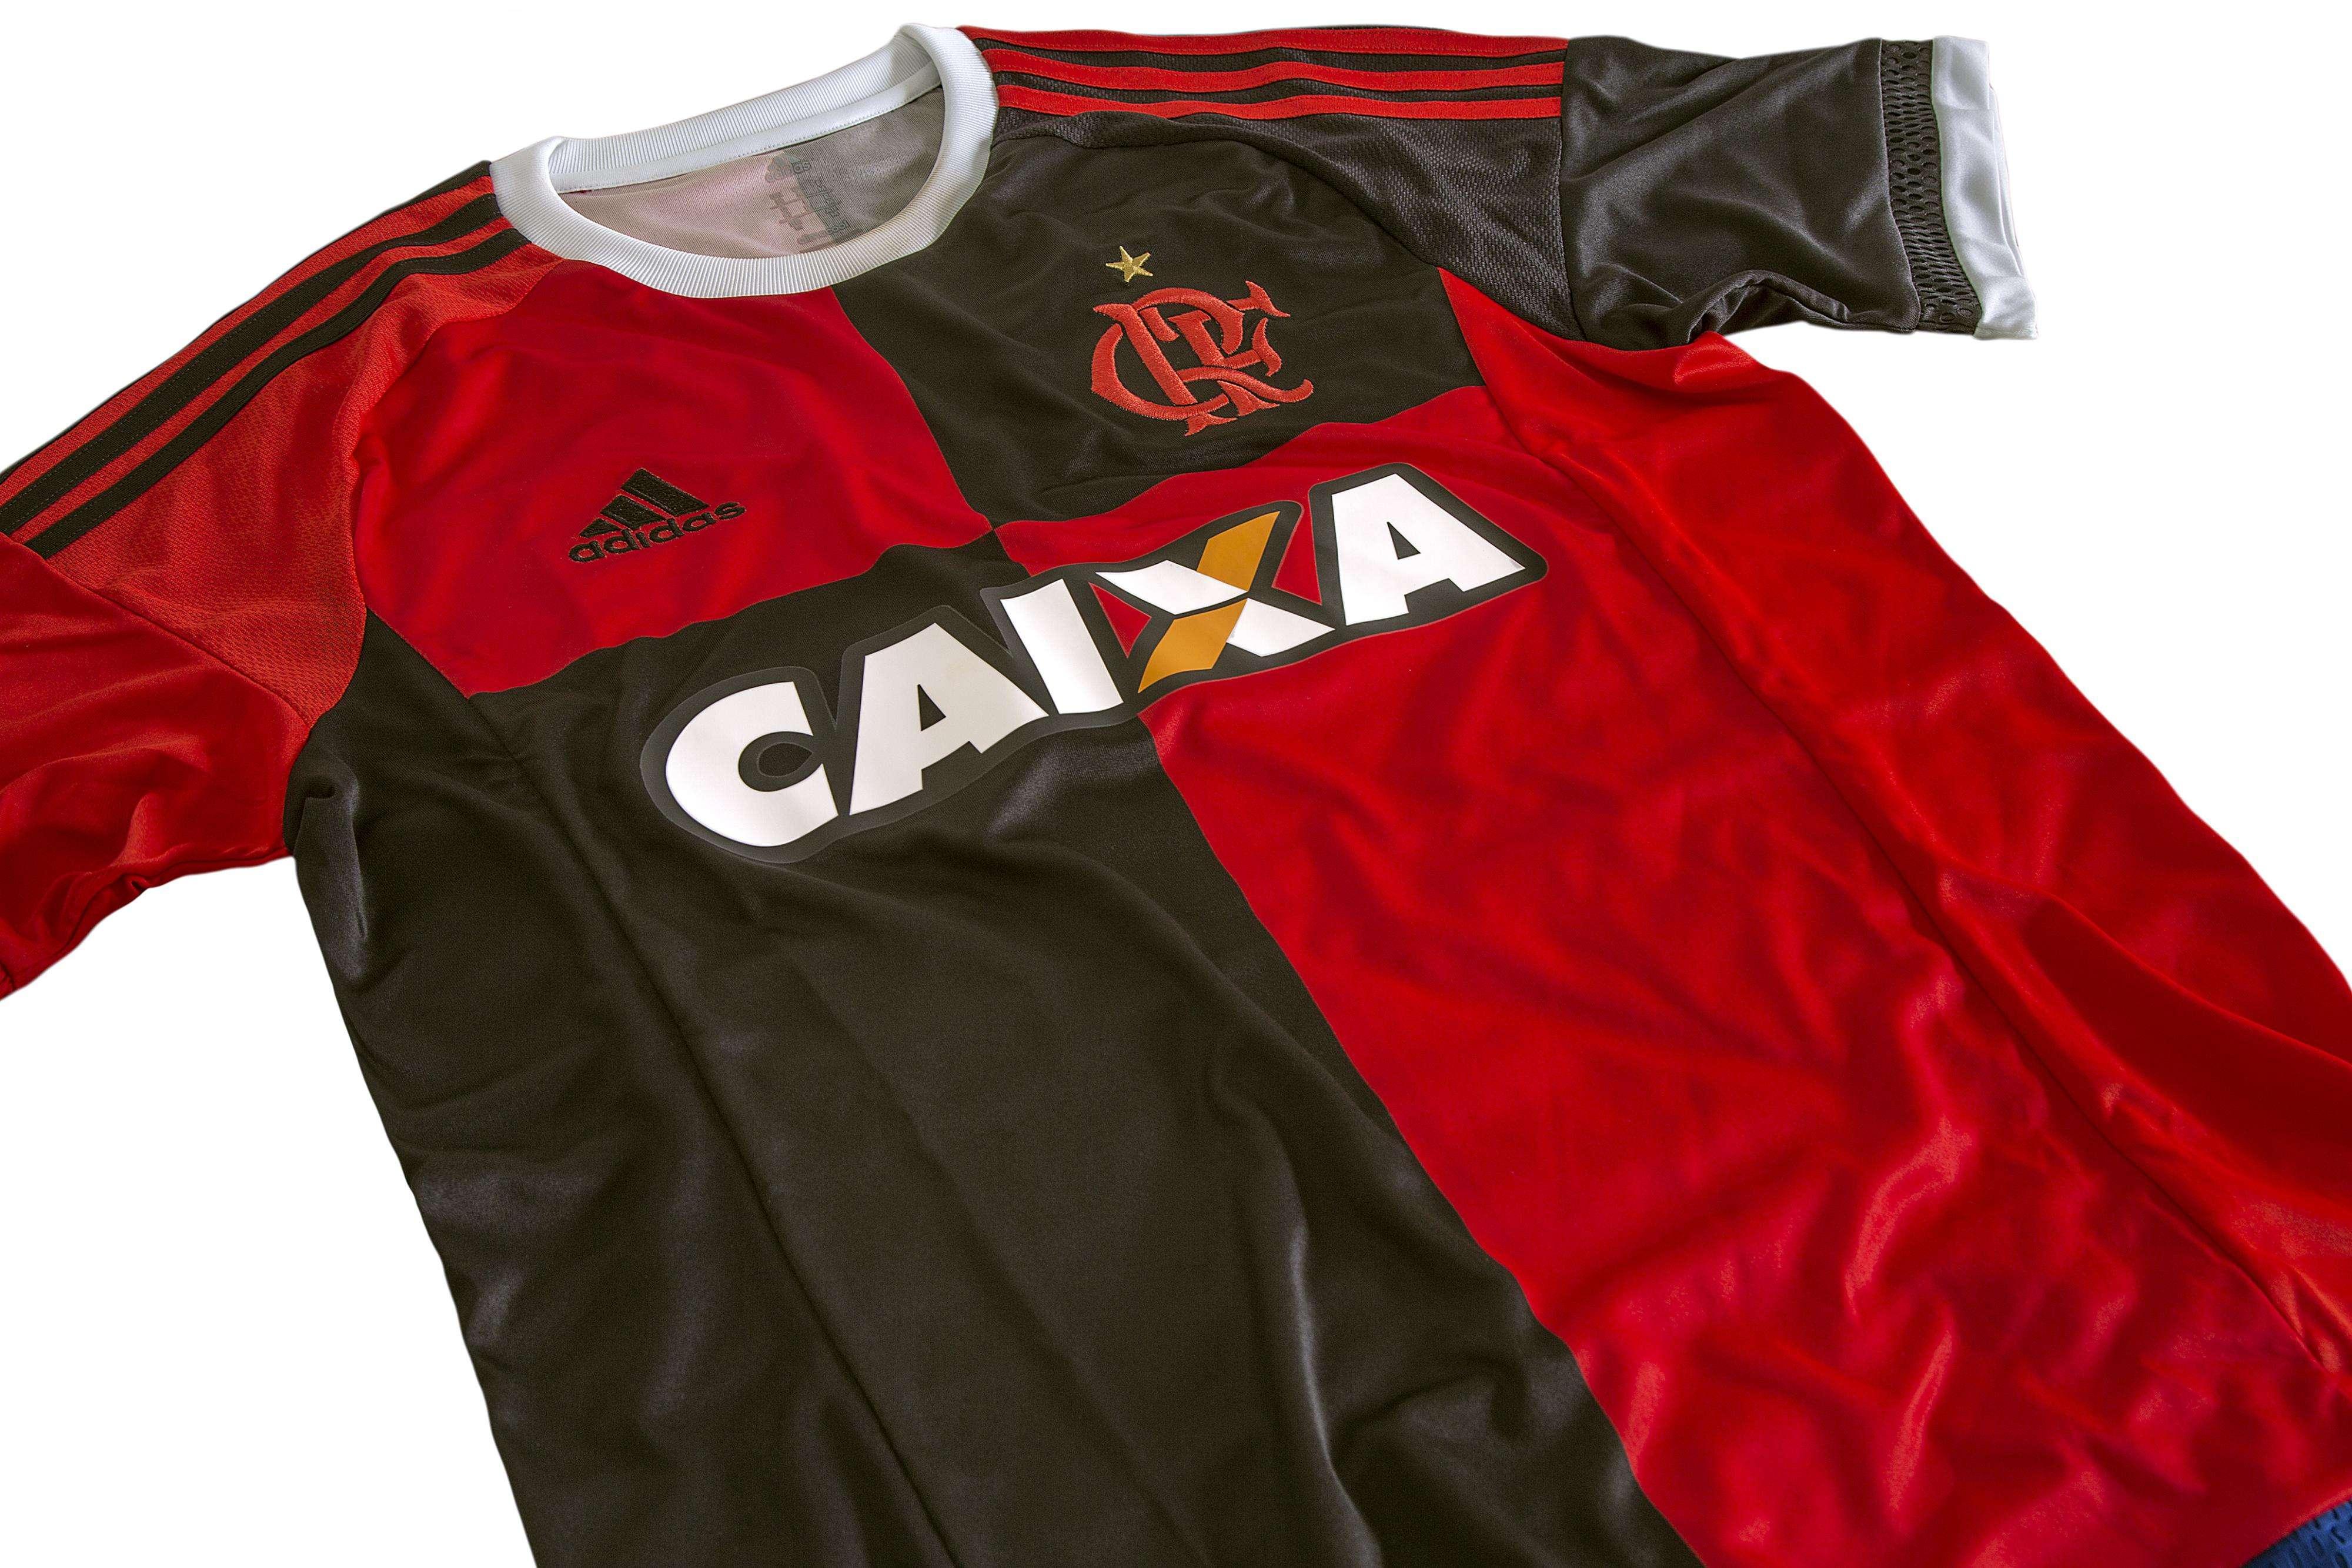 Uniforme número 3 do Flamengo em detalhes Foto: Adidas/Divulgação